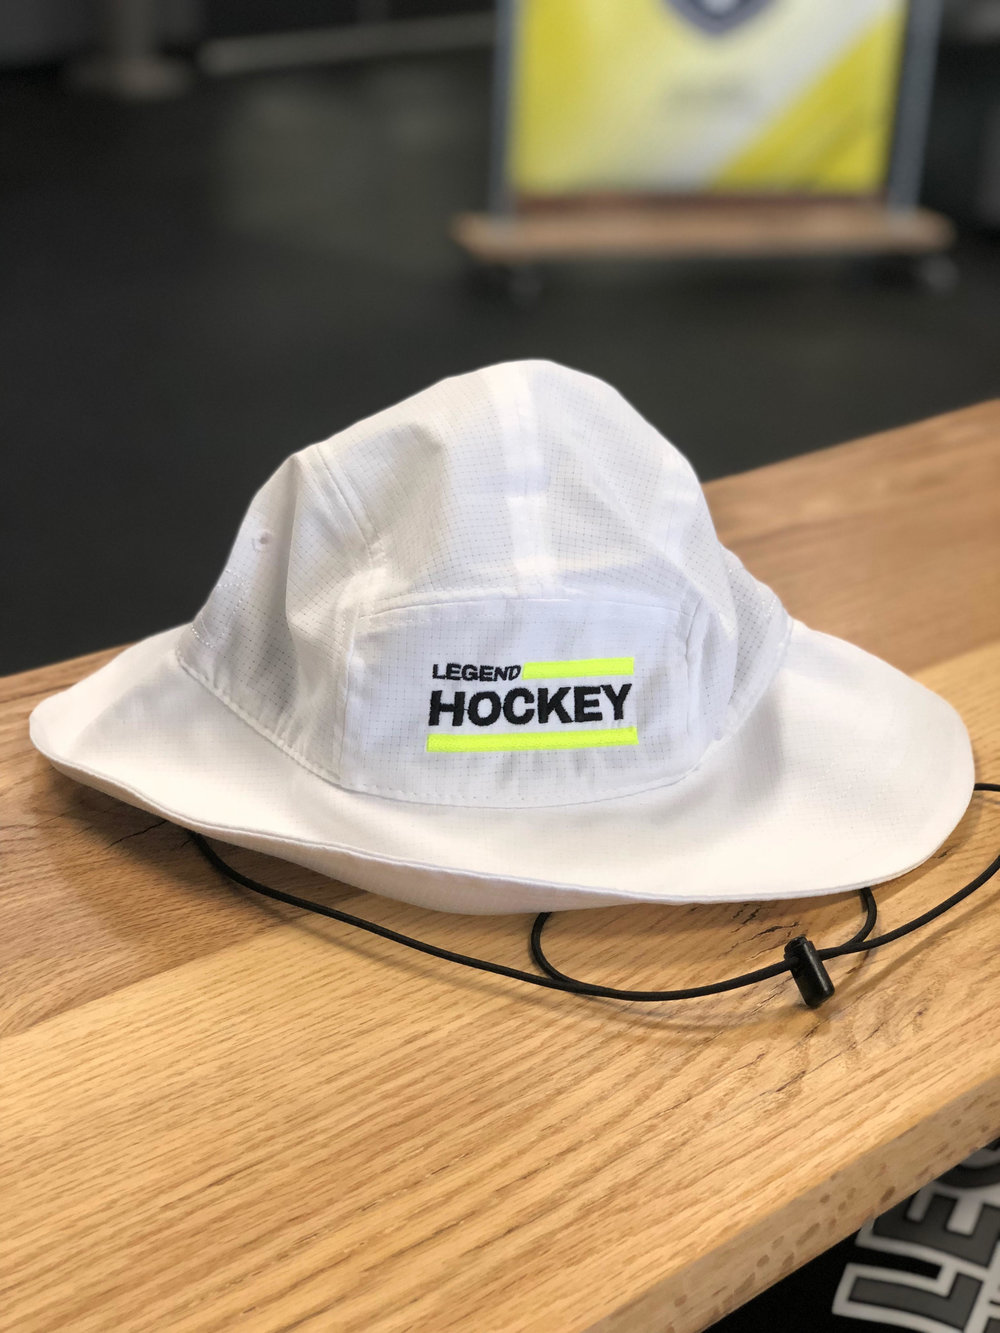 UNDER ARMOUR TEAM WARRIOR BUCKET HAT - MEN S — Legend Hockey 88552e9889b